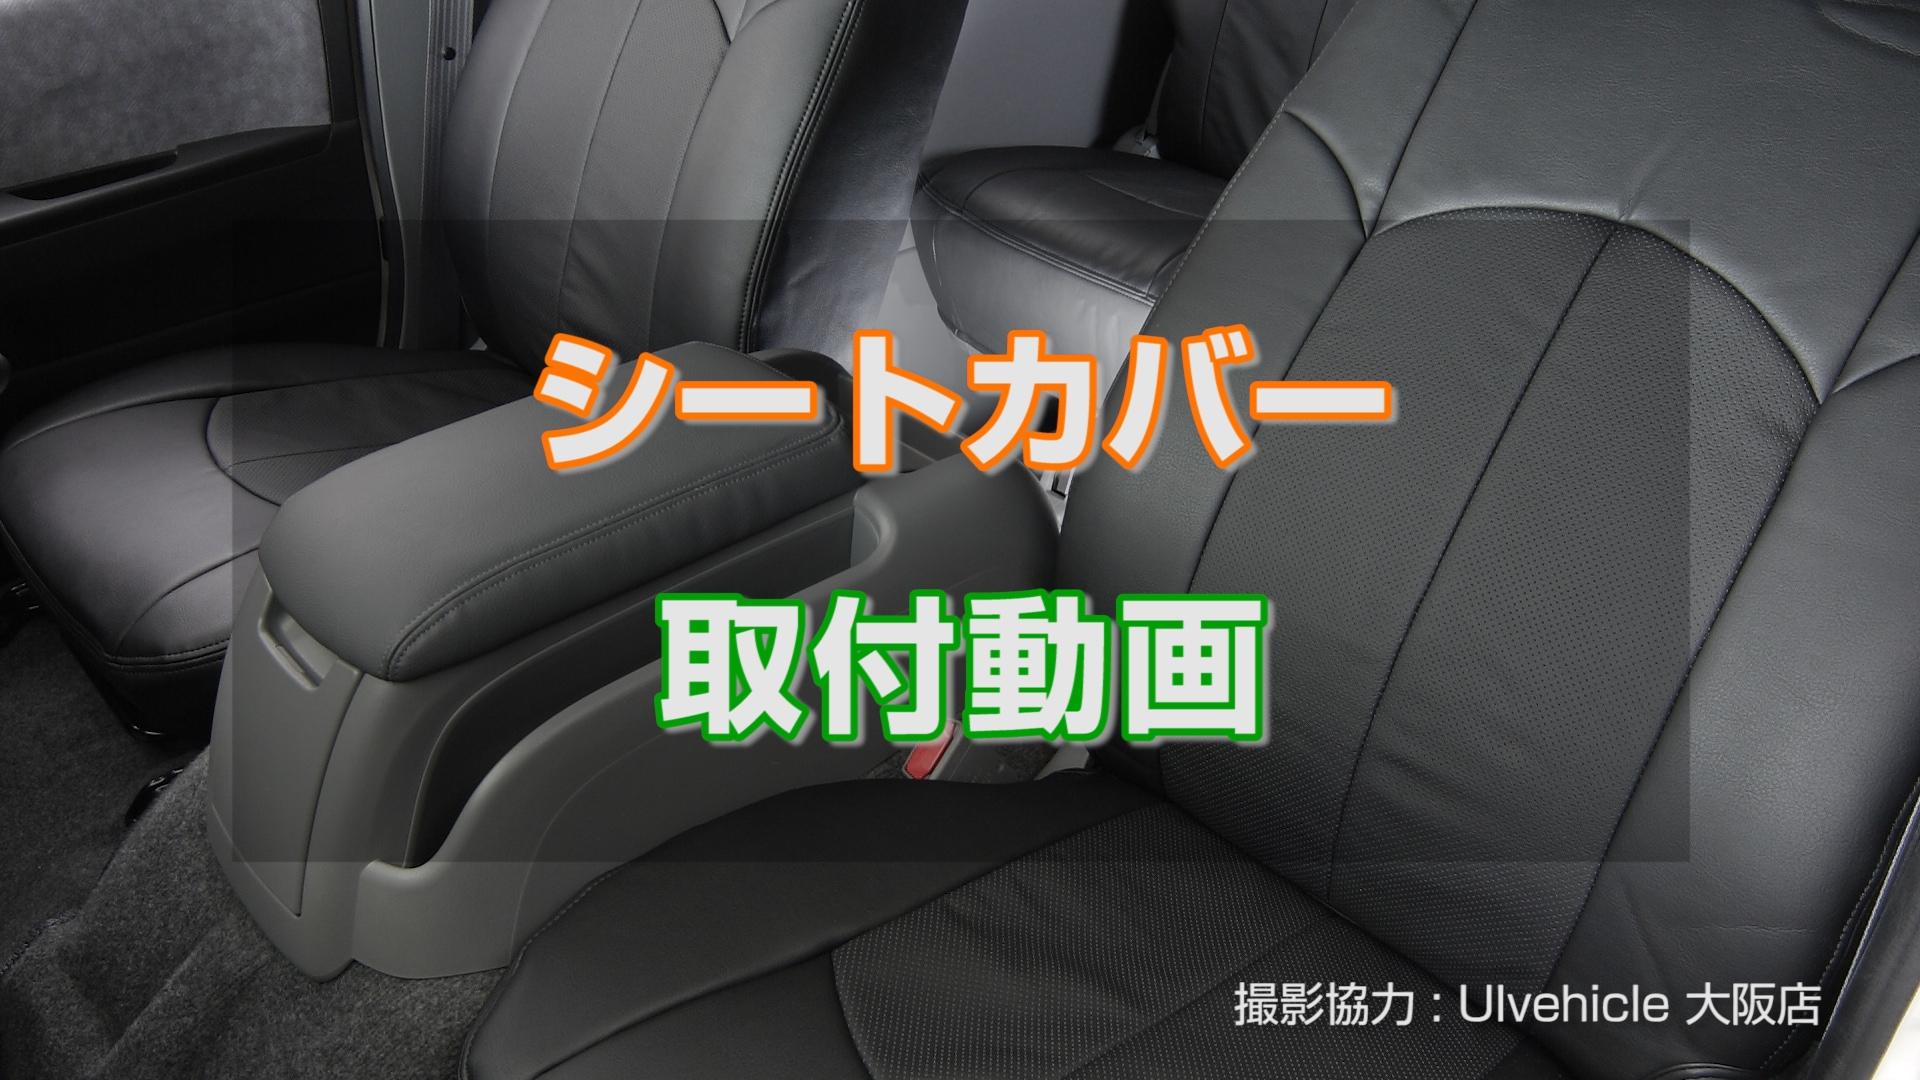 ハイエース200系 シートカバー取り付け動画